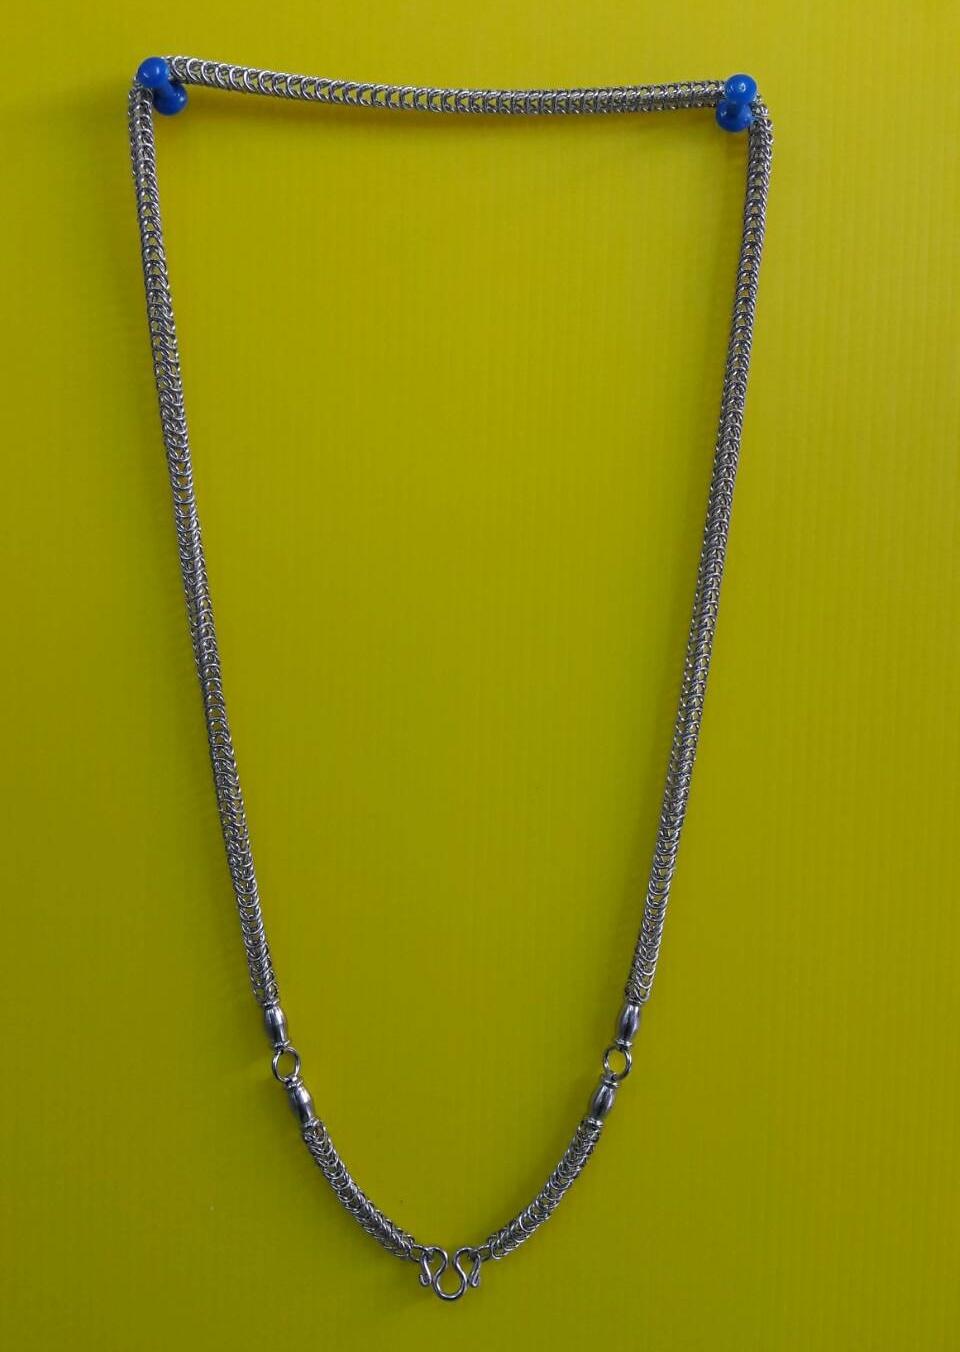 สร้อยแสตนเลส ห้อยพระ 3 องค์ ความยาวรอบ 28 นิ้ว stanless neckless อุปกรณ์